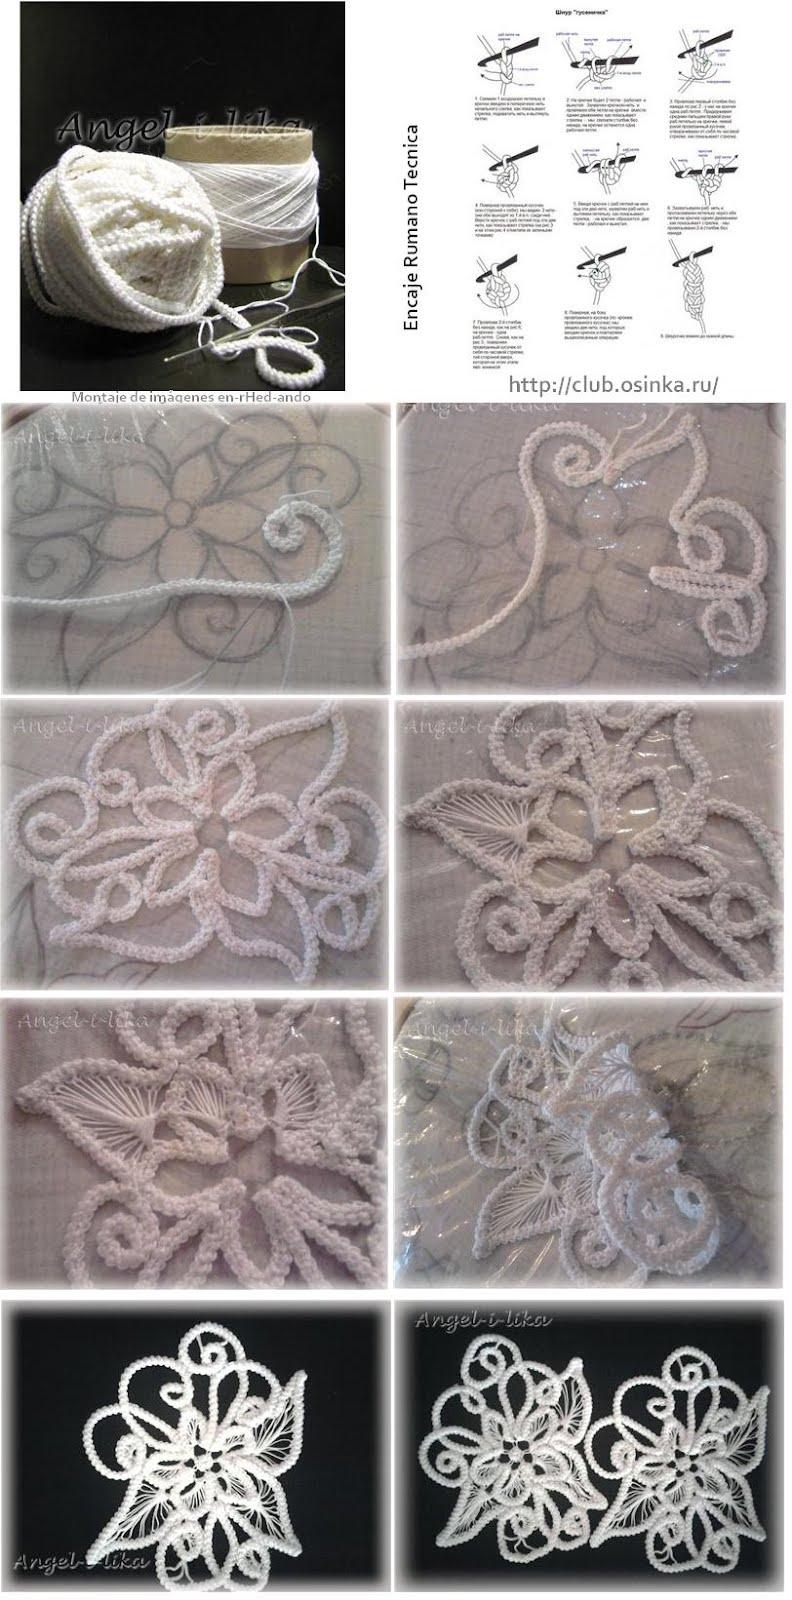 encaje irlandes, labores, bordados, crochet, cordoncillo